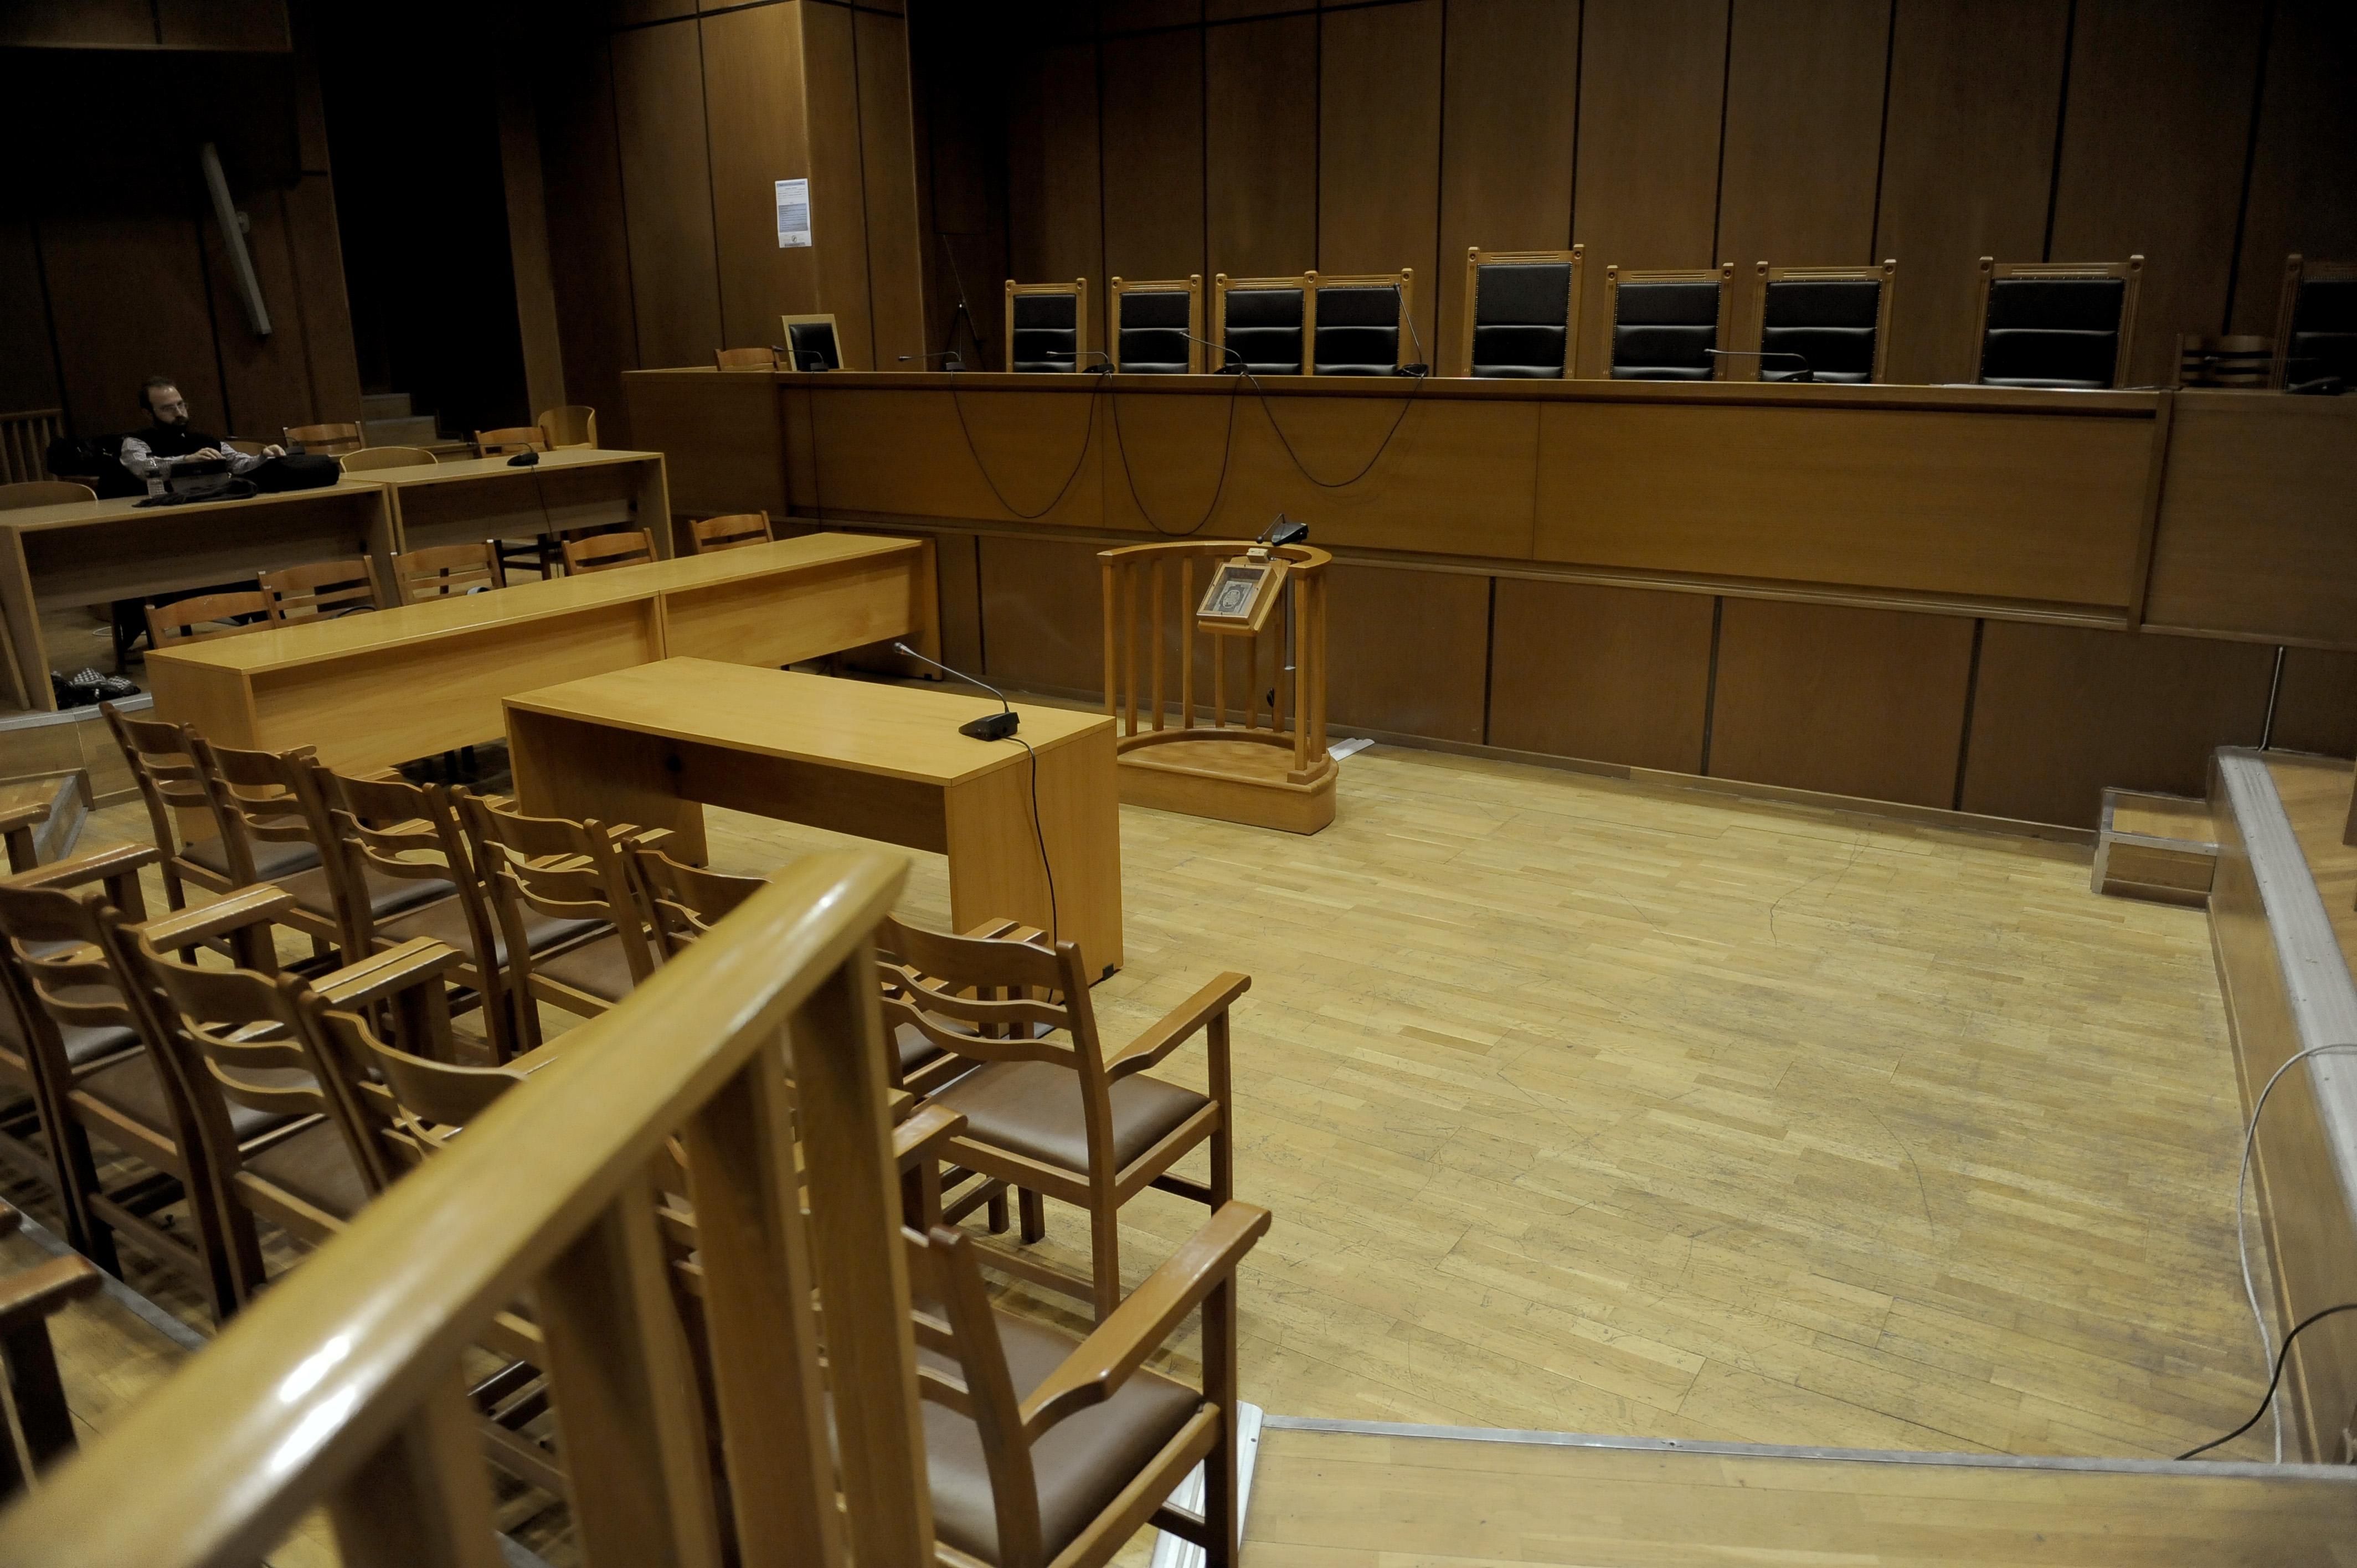 Εδώλιο για τα 6 μέλη του Συμβουλίου Εμπειρογνωμόνων του ΤΑΙΠΕΔ   tovima.gr